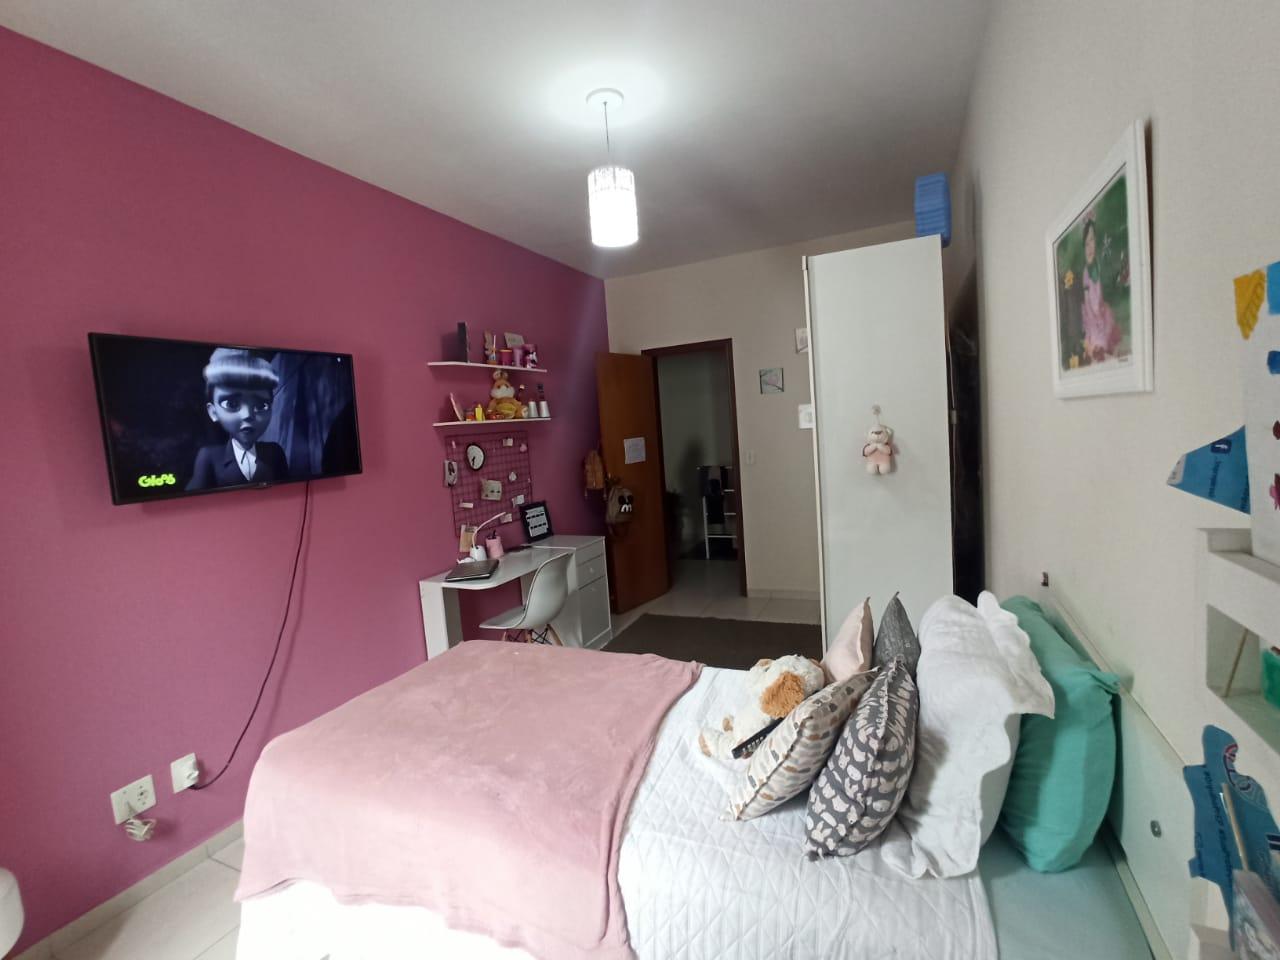 Casa com 3 quartos, sendo um suíte, sala 2 ambientes, três banheiros e duas vagas de garagem. - foto 8